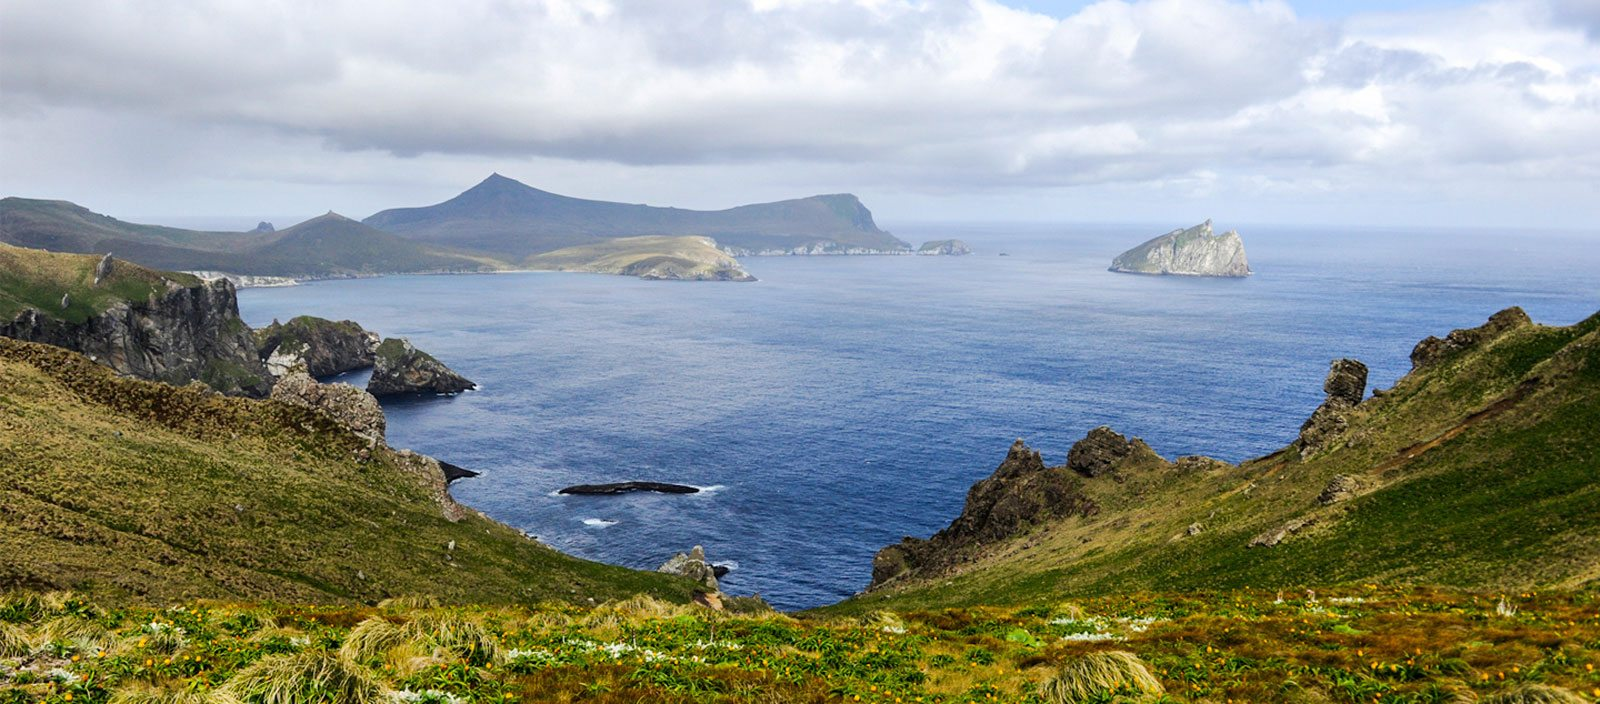 New Zealand's Subantarctic Islands